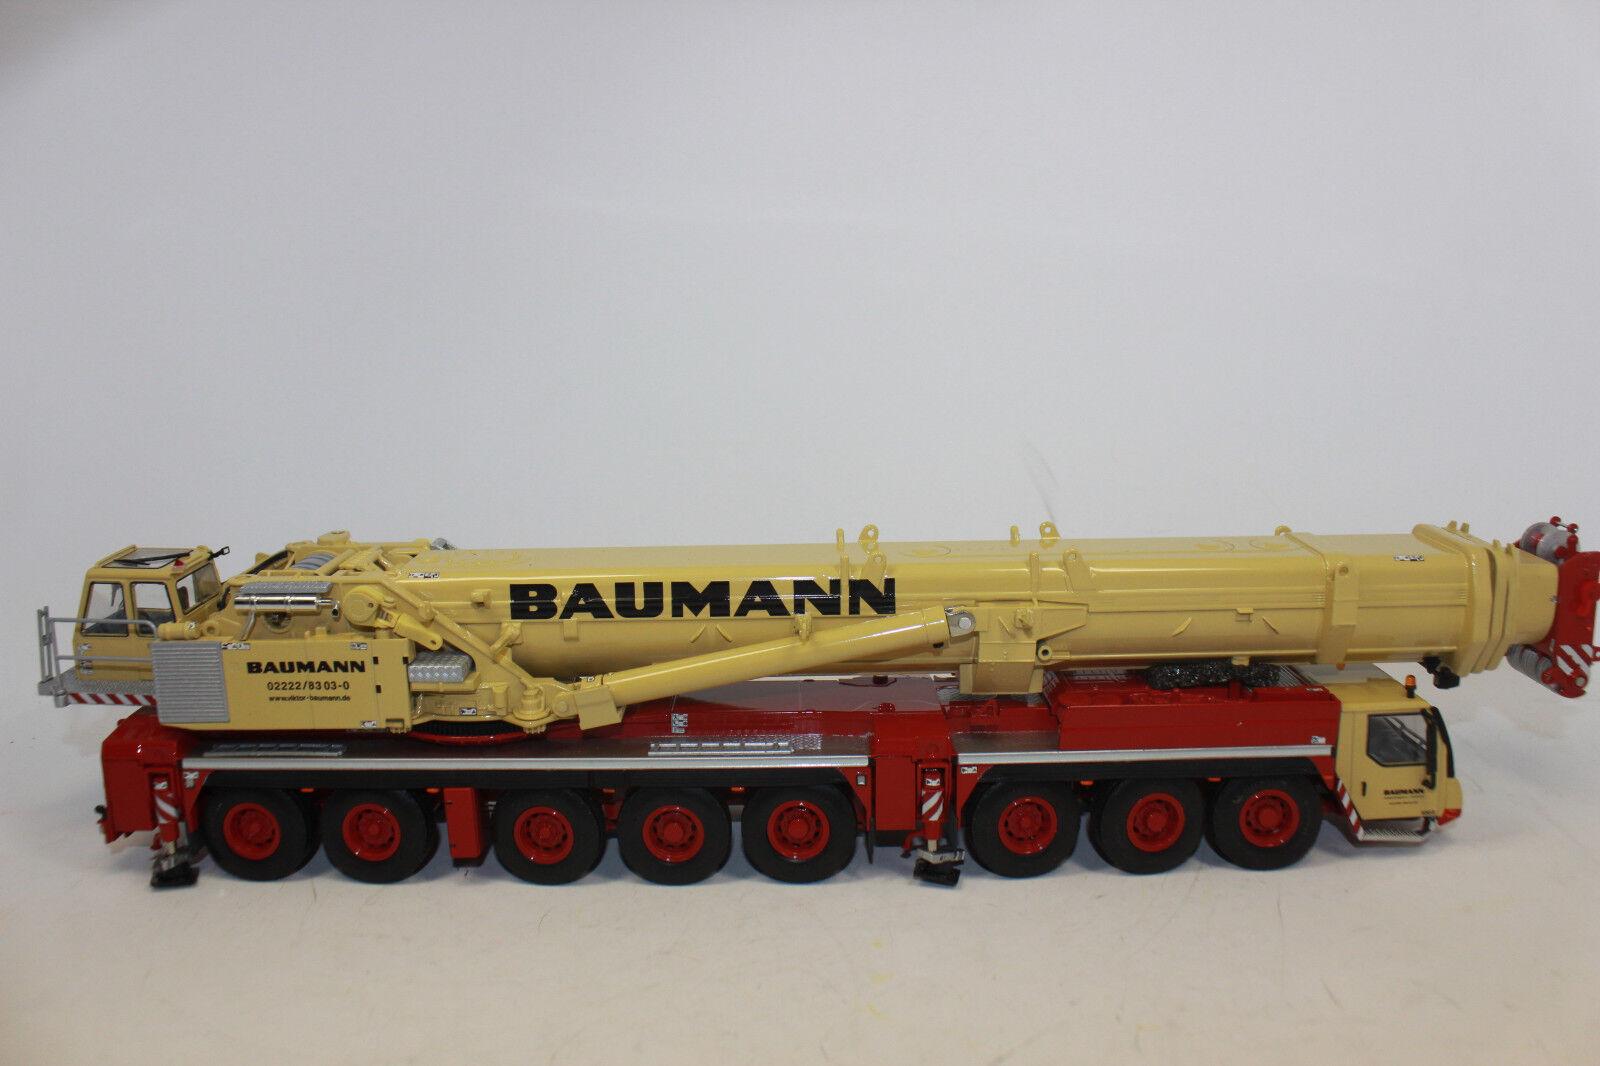 WSI 51-2016  Baumann LIEBHERR LTM 1500 Mobilkran 1 50  NEU in OVP  | Guter weltweiter Ruf